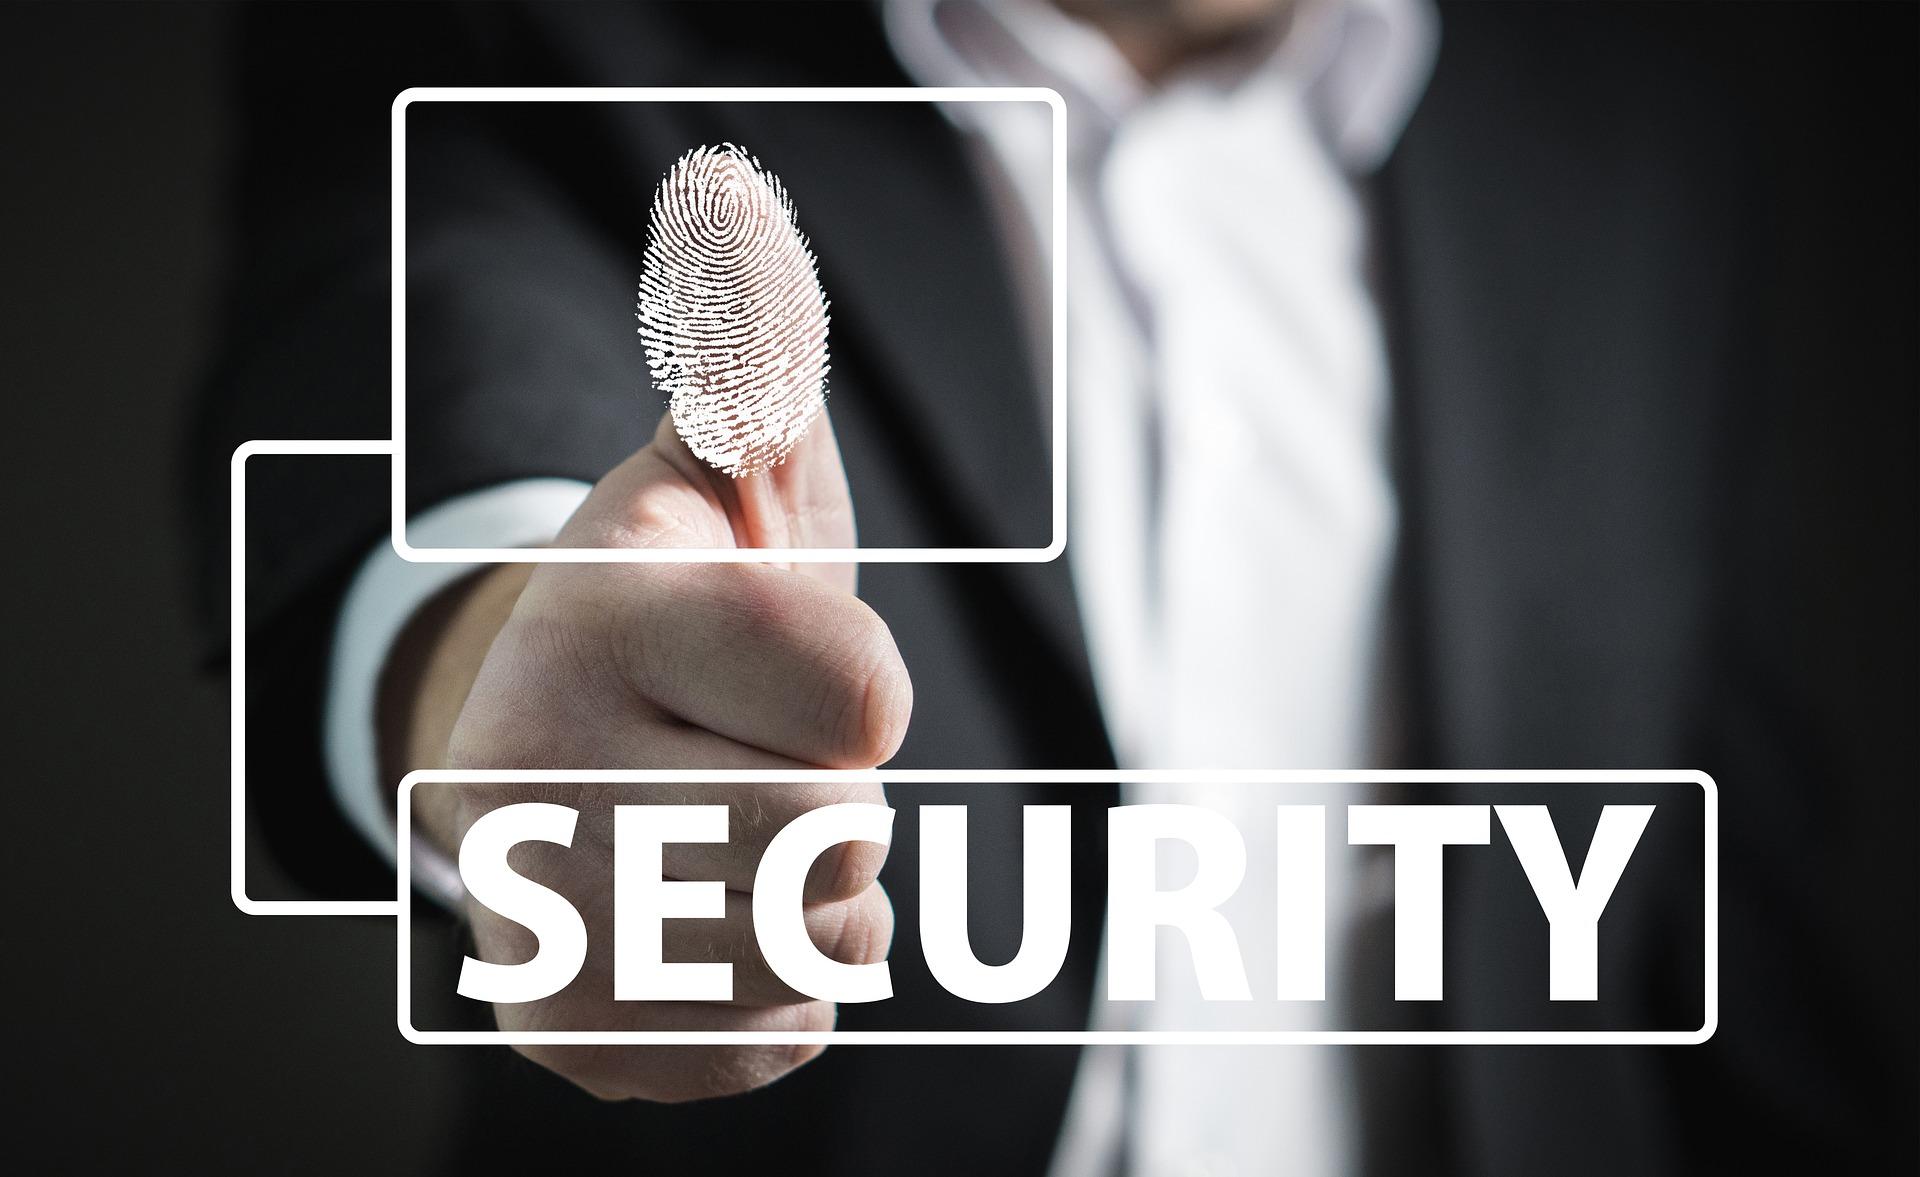 Защищая персональные данные, можно ущемить права граждан